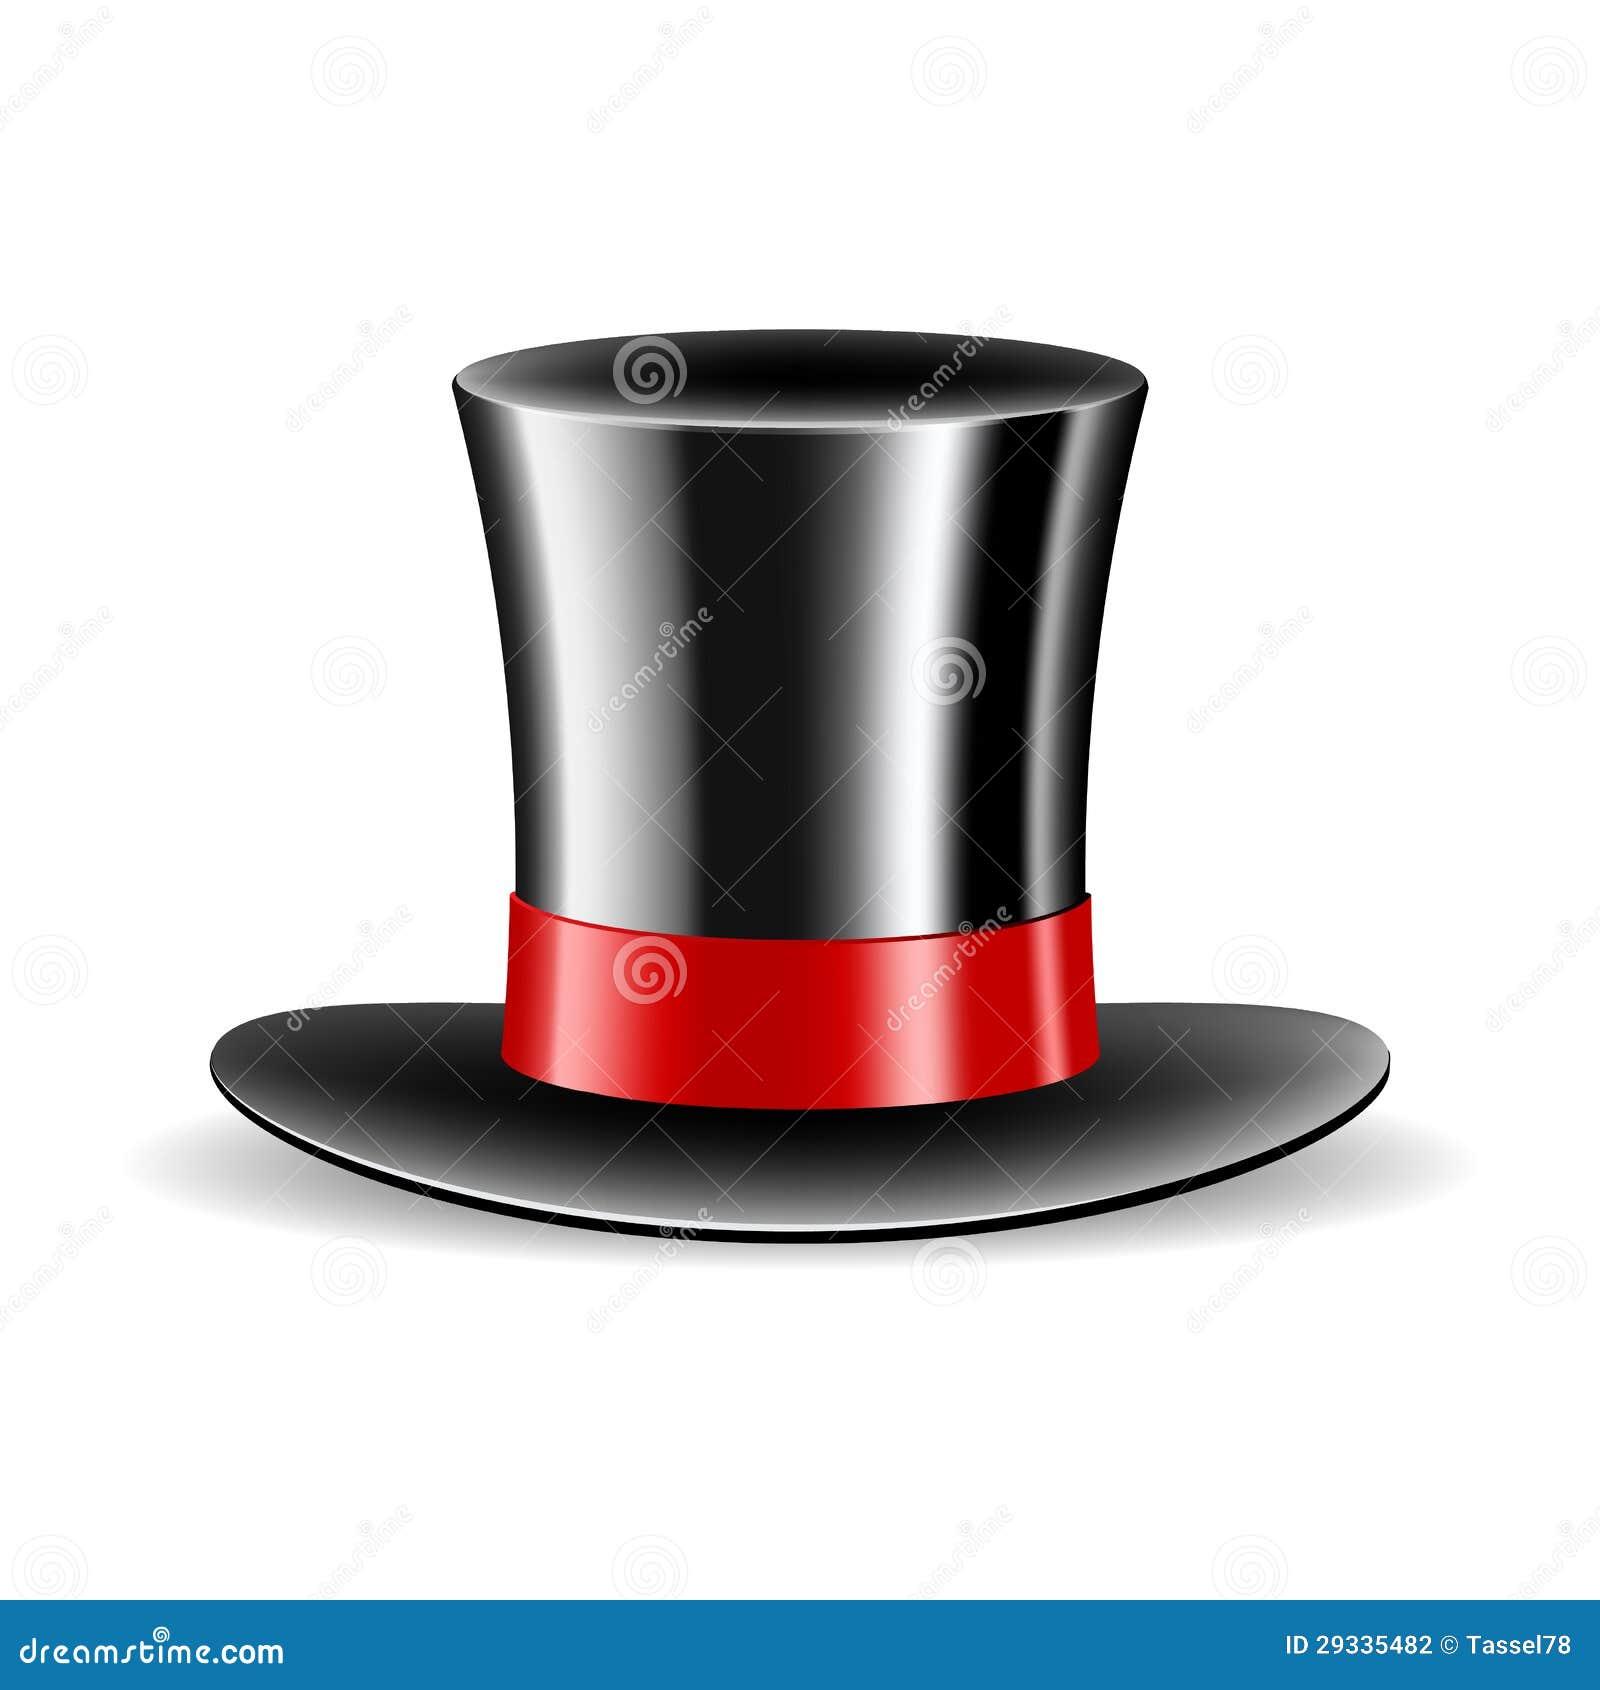 Cappello magico del cilindro isolato su fondo bianco. Illustrazione di  vettore 9b1b517748f7